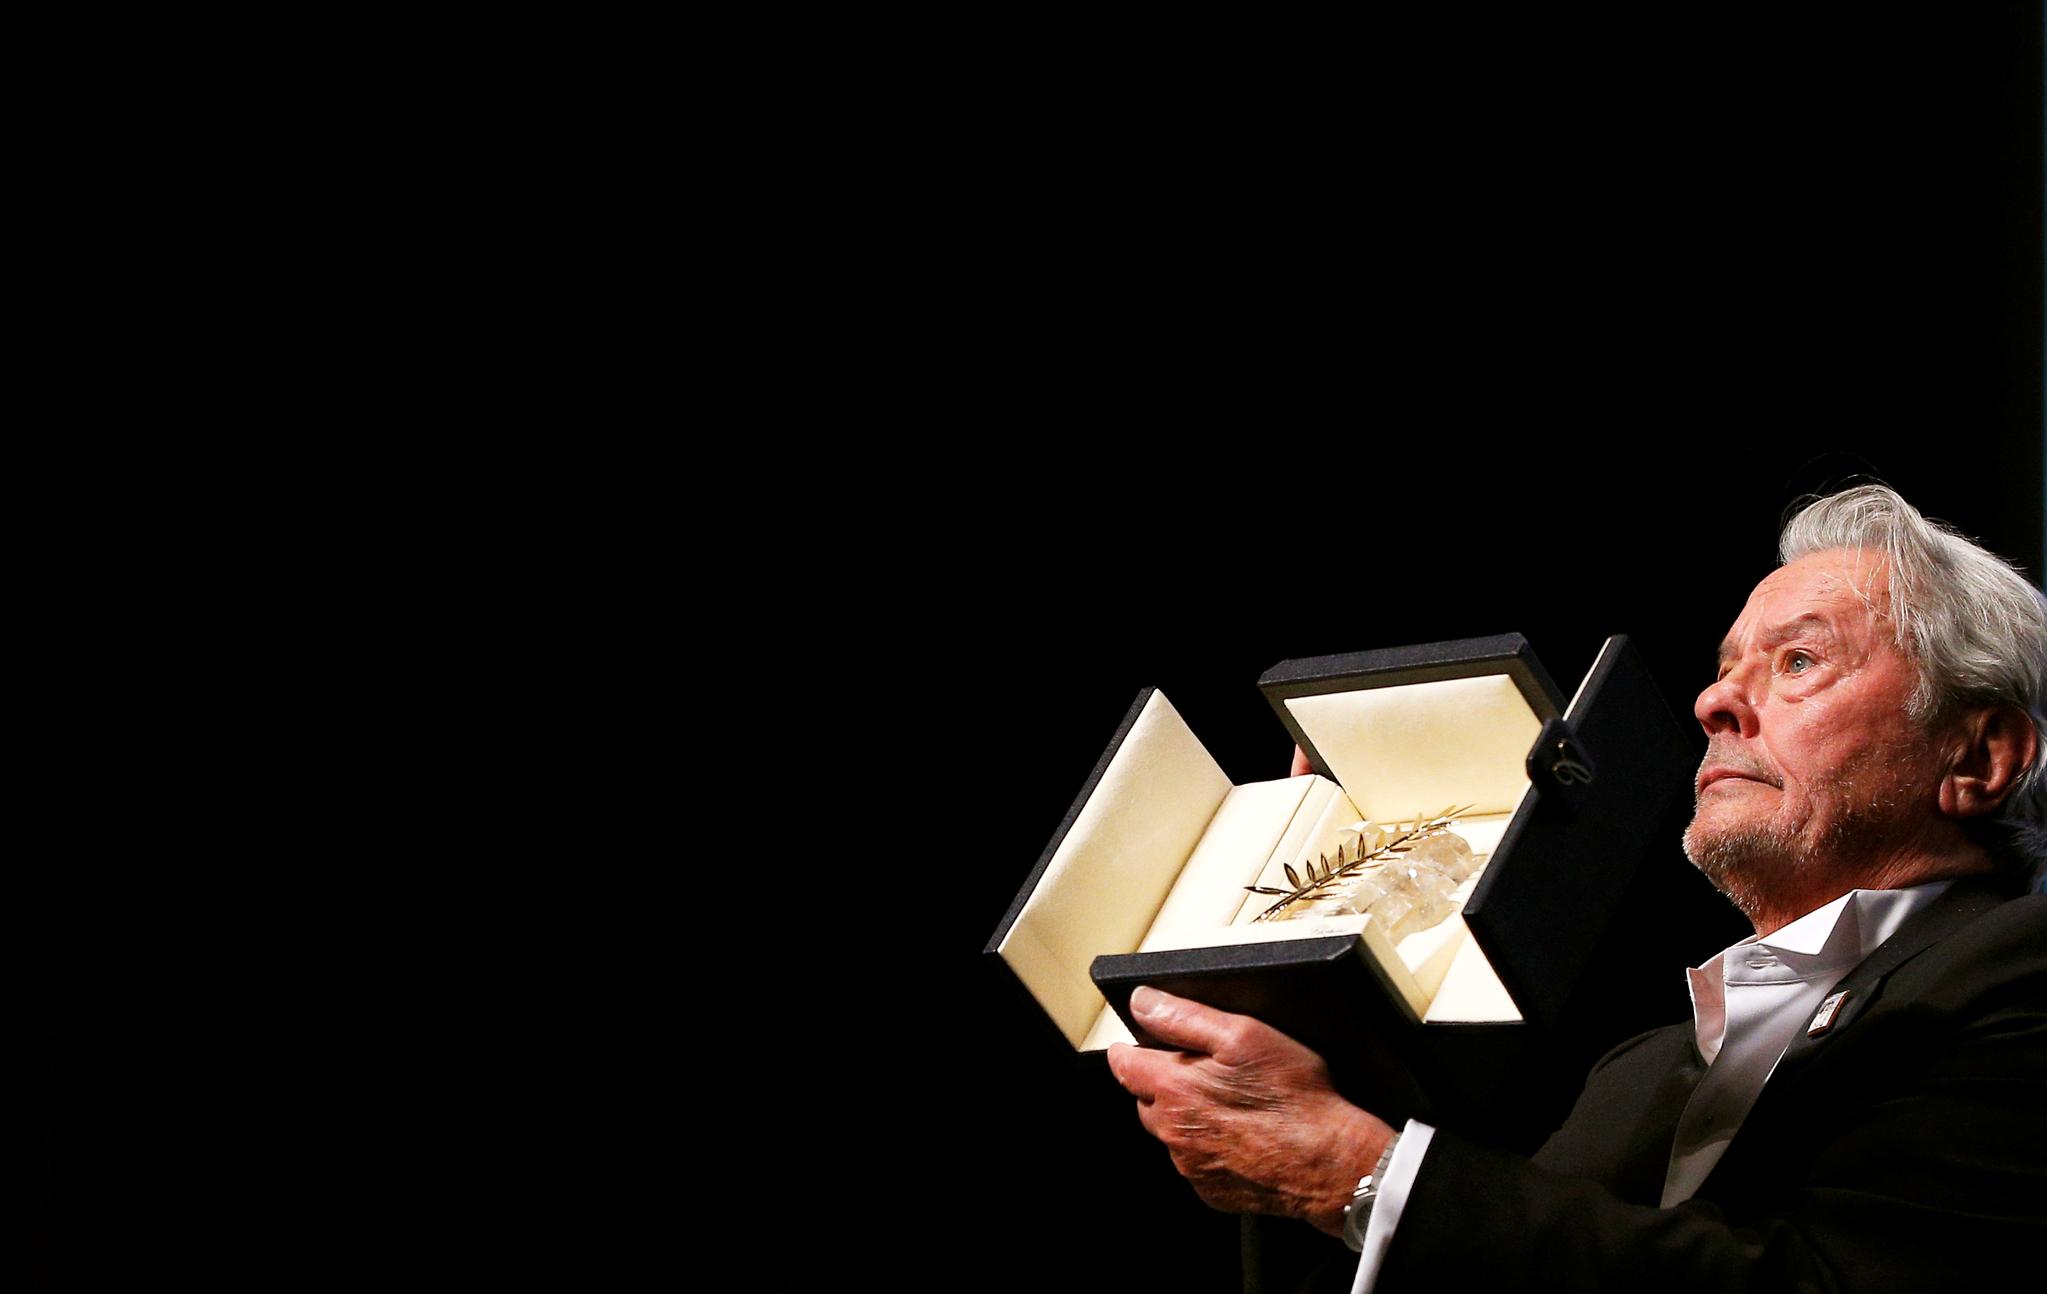 19일(현지시간) 프랑스 칸에서 열린 '제72회 칸 국제영화제'에서 프랑스 배우 알랭 들롱이 명예 황금종려상을 수상했다. [로이터=연합뉴스]